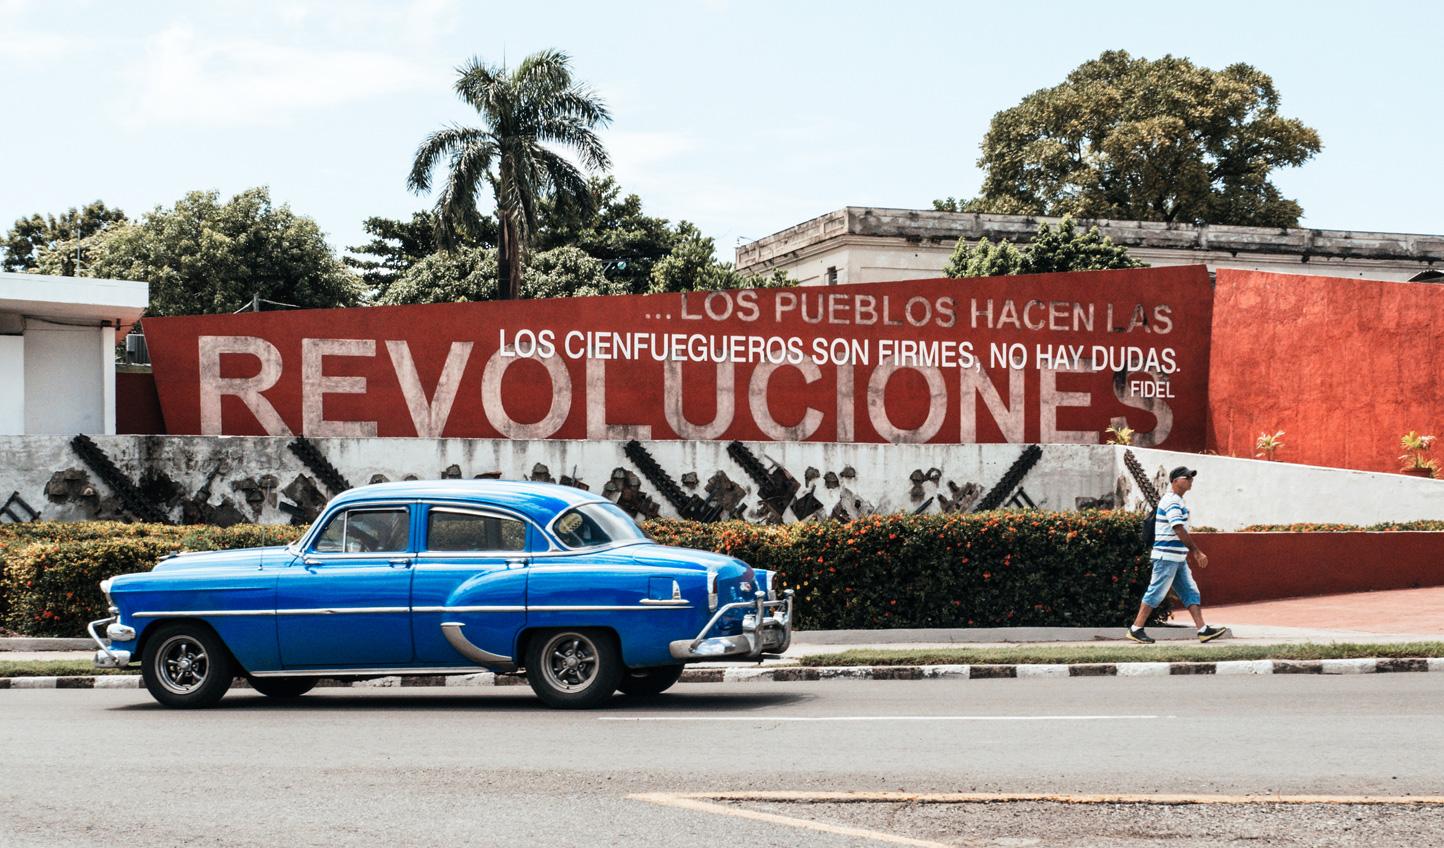 Cienfuegos-Revolution